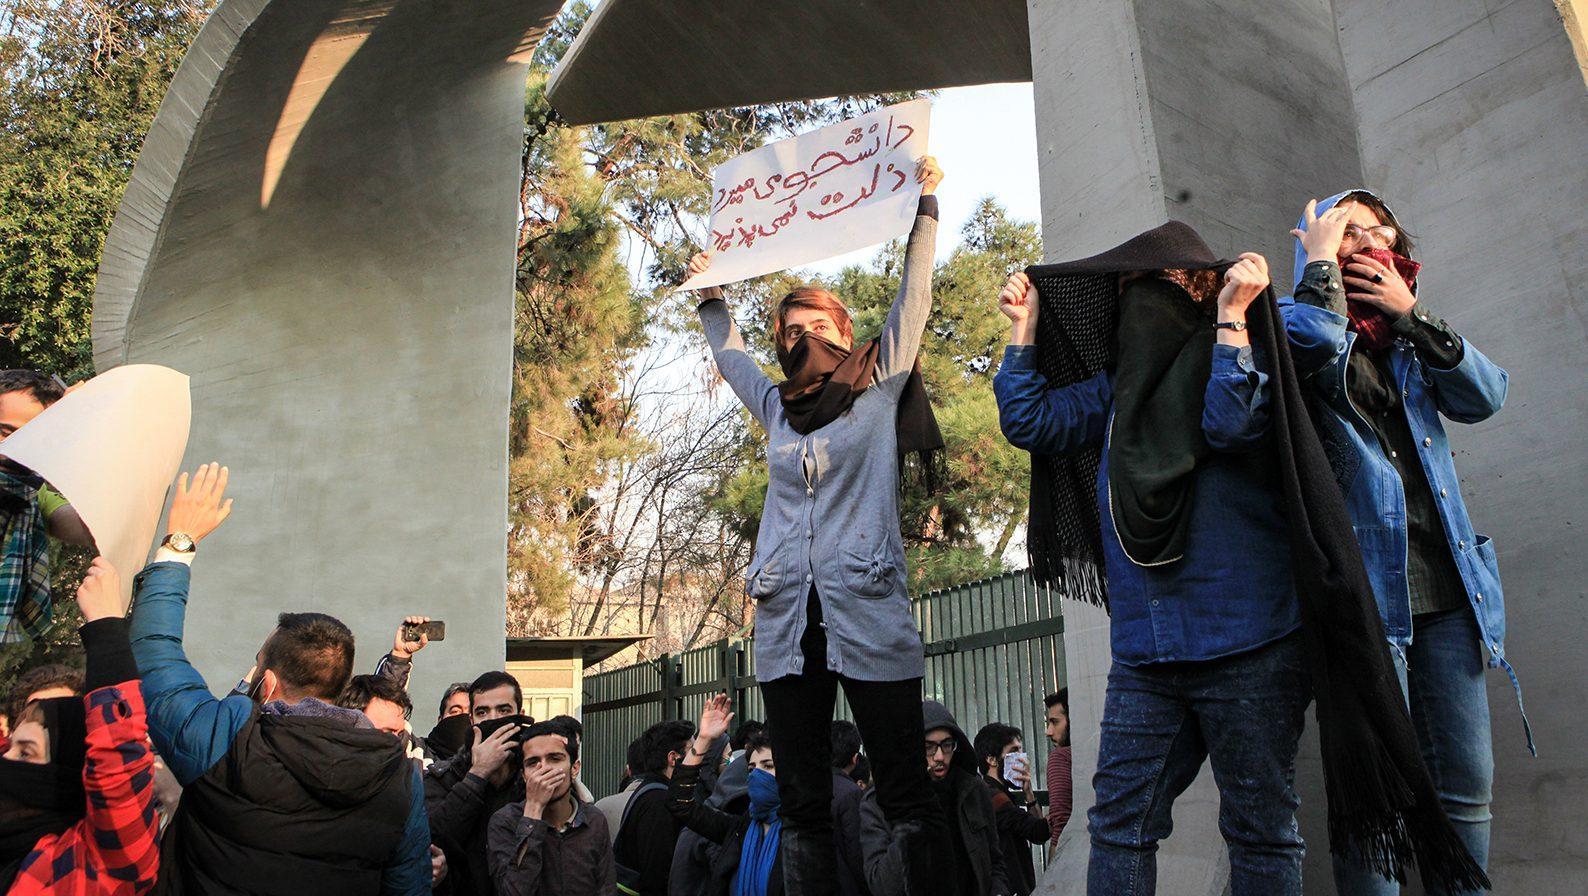 ایران میں طلباء کا احتجاج نظام مخالف مظاہروں میں تبدیل،فورسزسے جھڑپیں